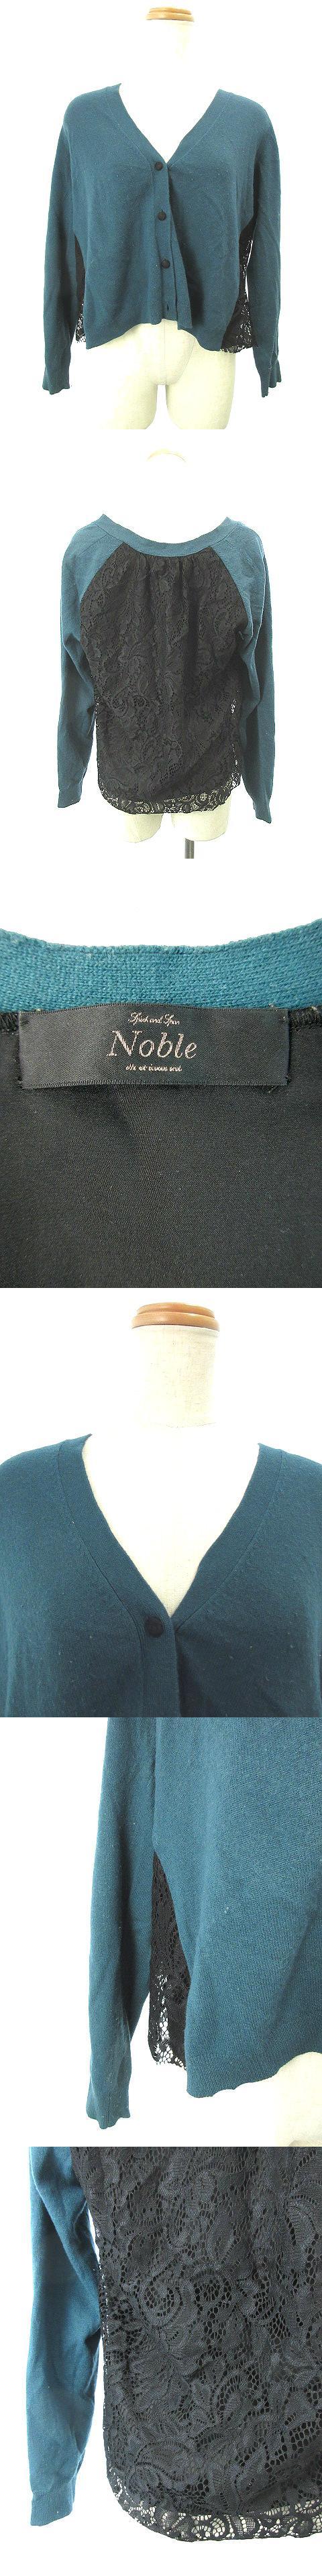 カーディガン ニット 長袖 レース 切替 ウール混 アンゴラ混 カシミヤ混 緑 グリーン /MU1